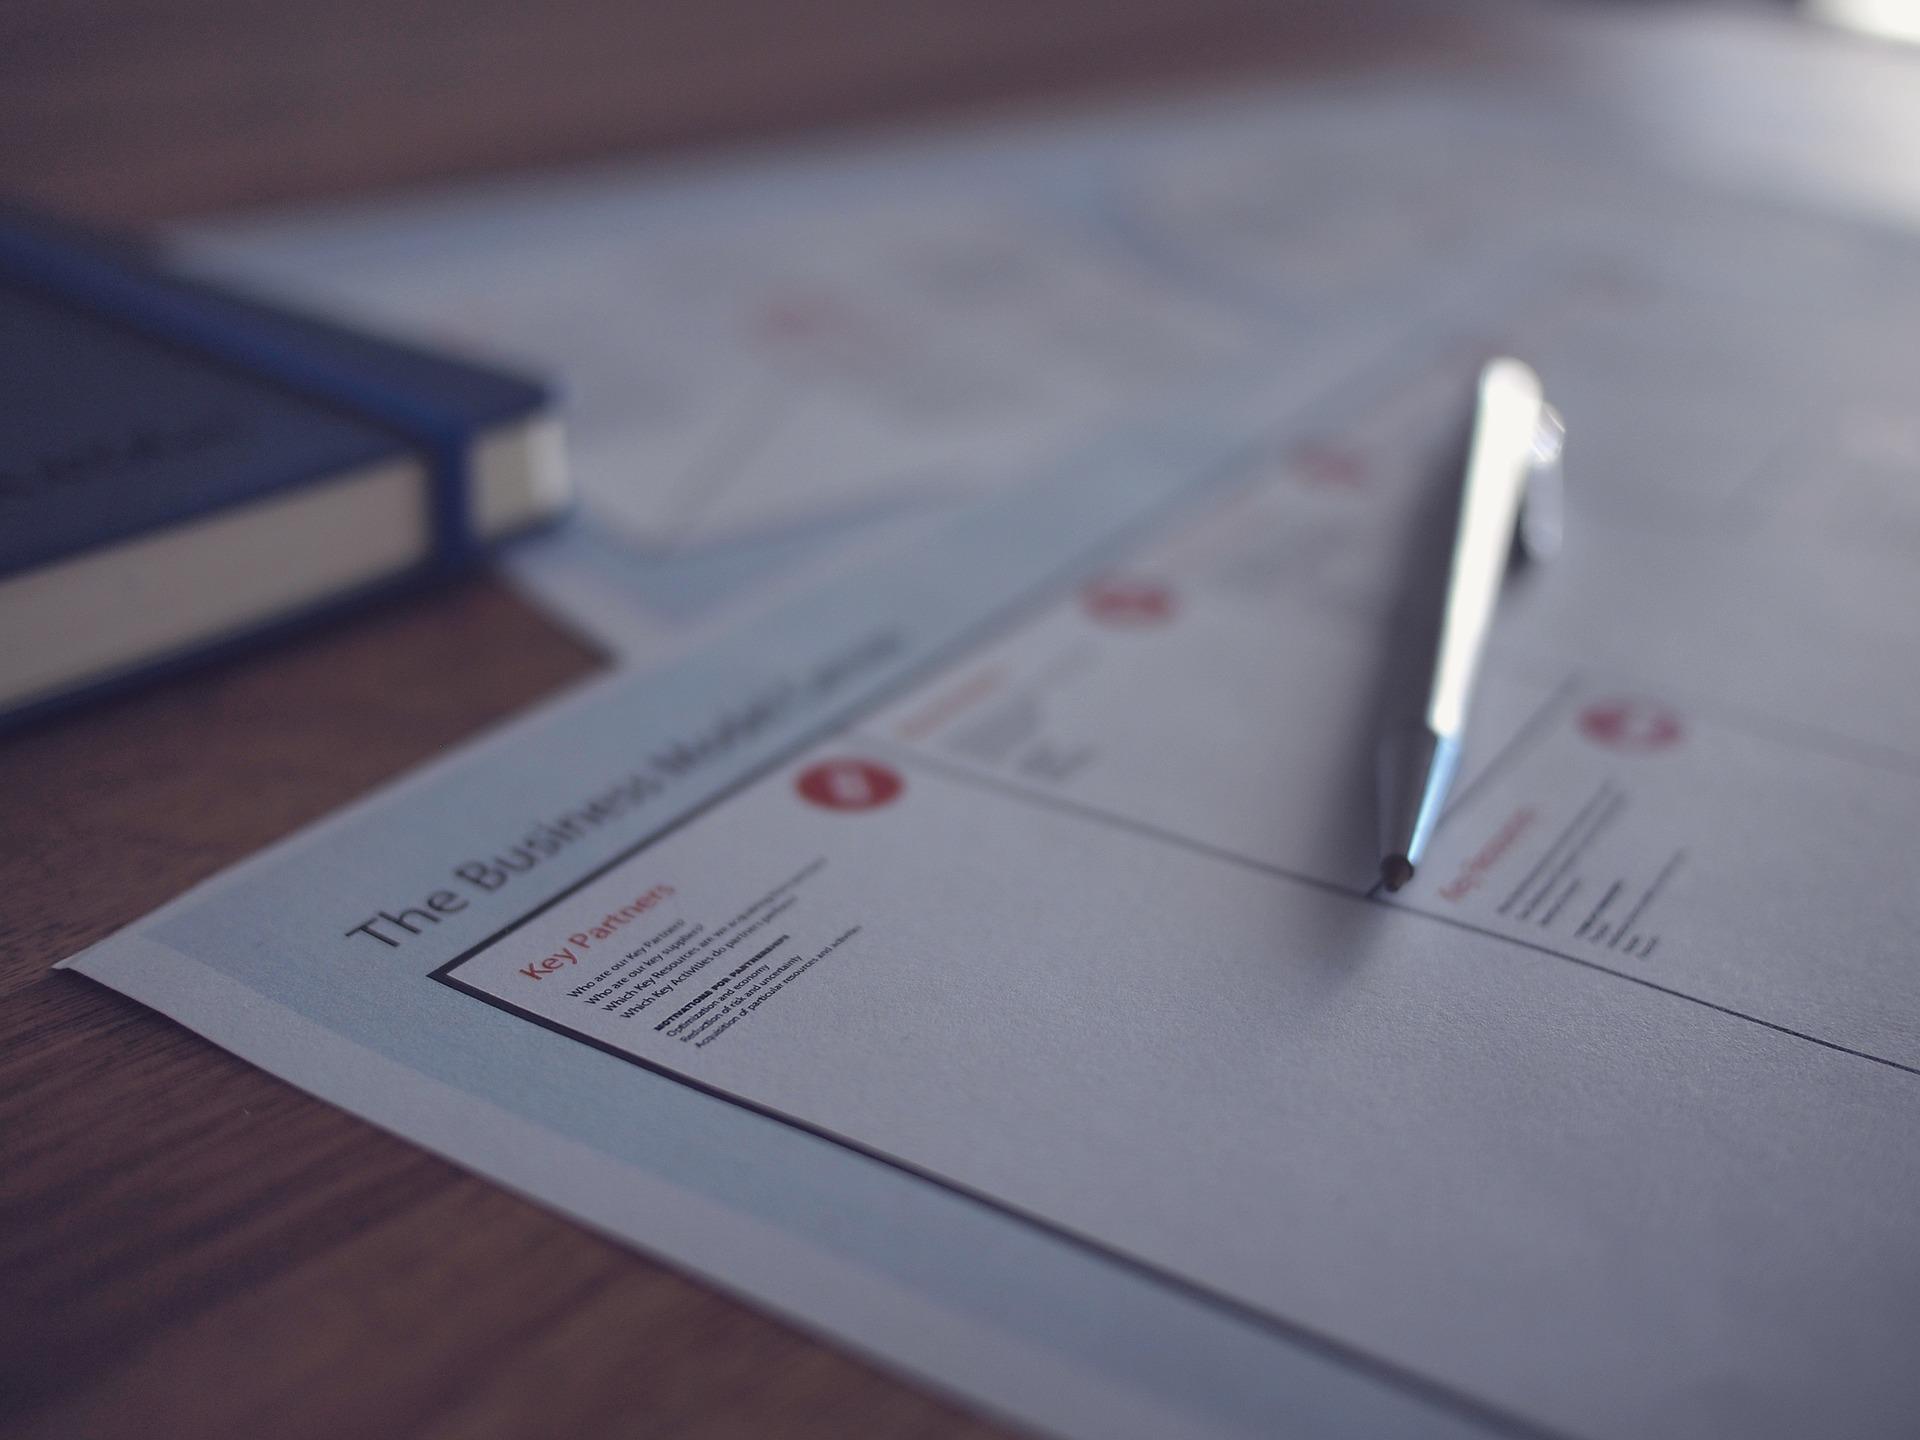 Business Model Canvas : un outil de pilotage efficace pour prendre de bonnes décisions